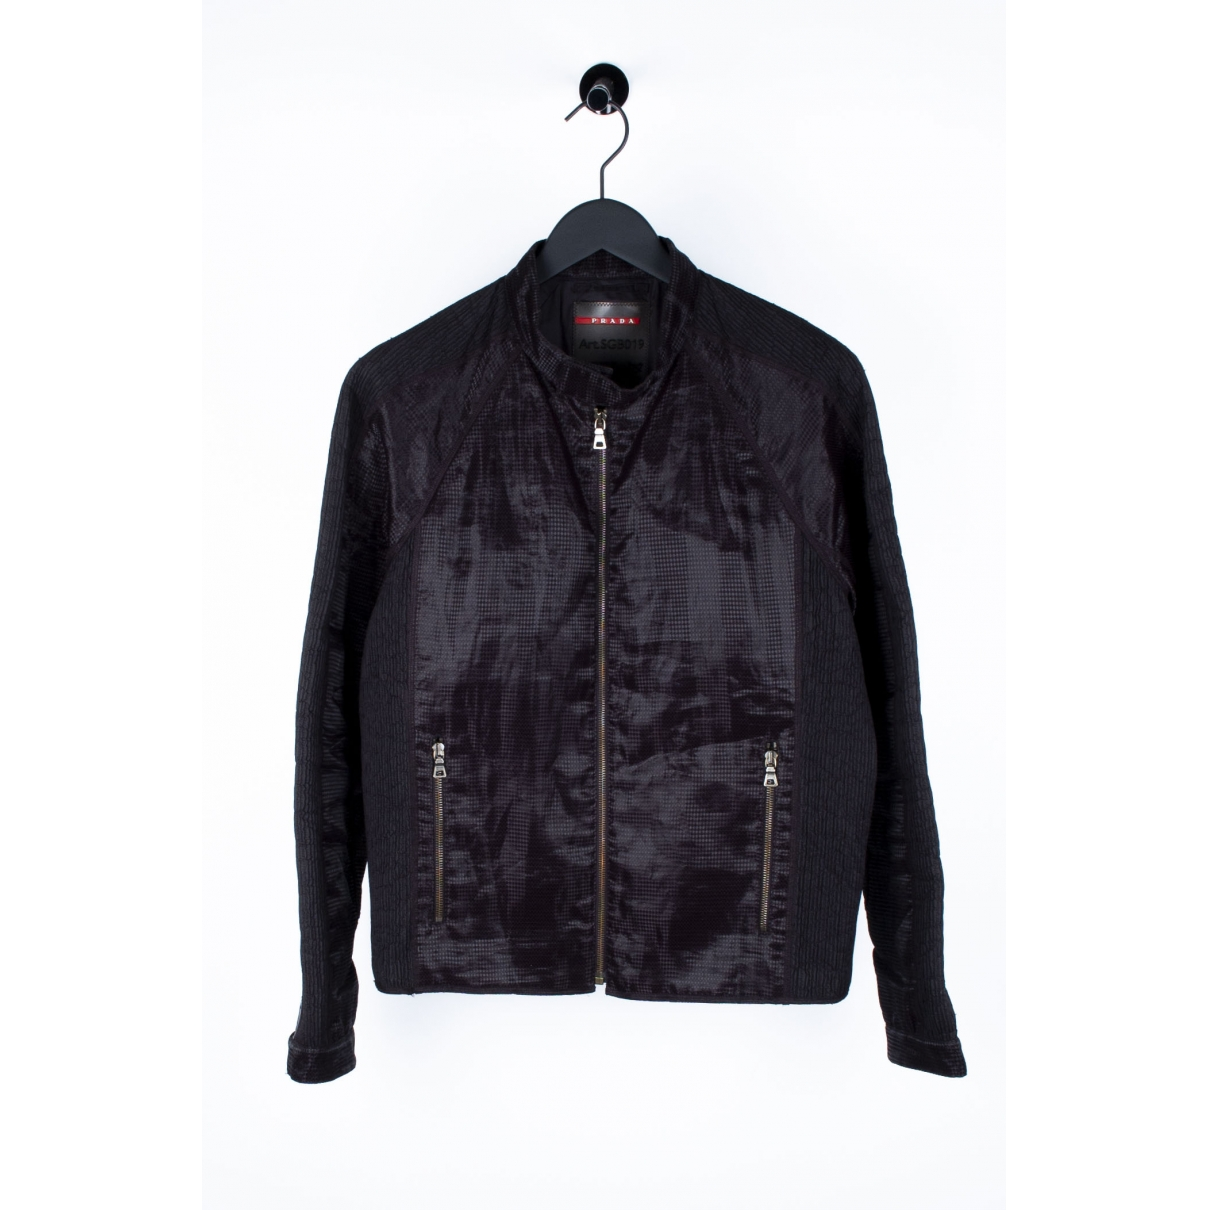 Prada \N Black jacket  for Men 50 IT